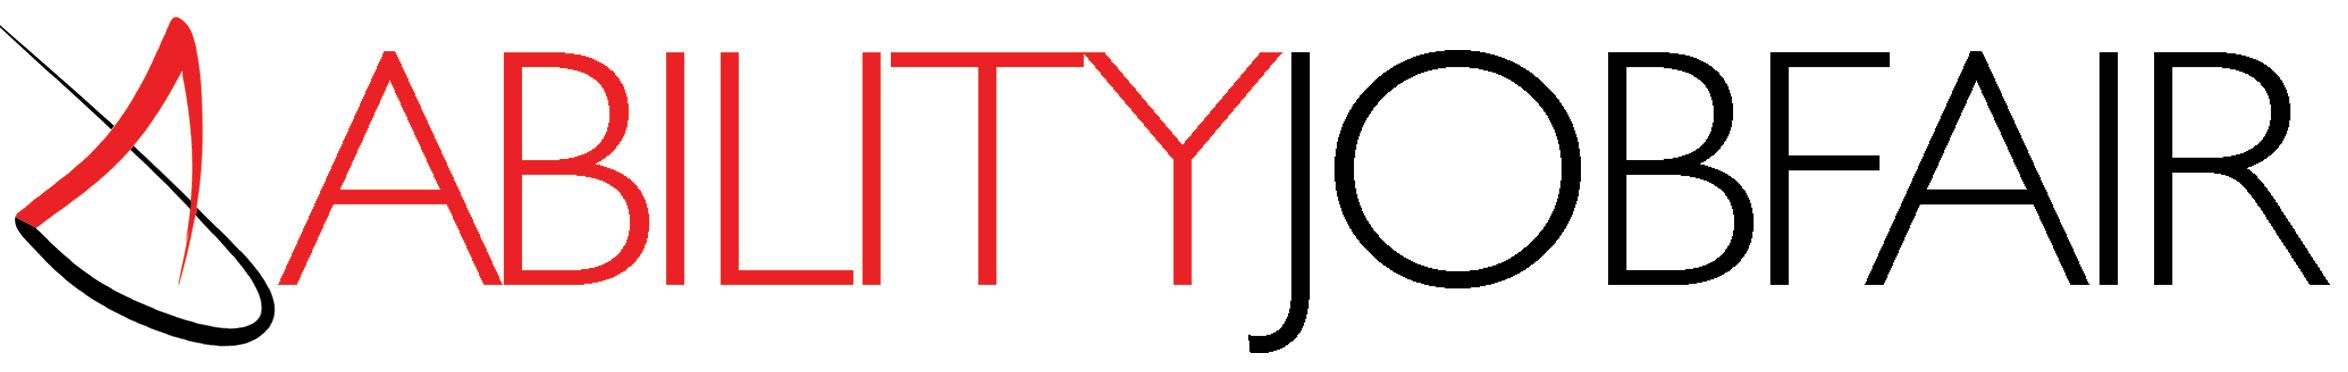 ABILITYJOBFAIR-logo